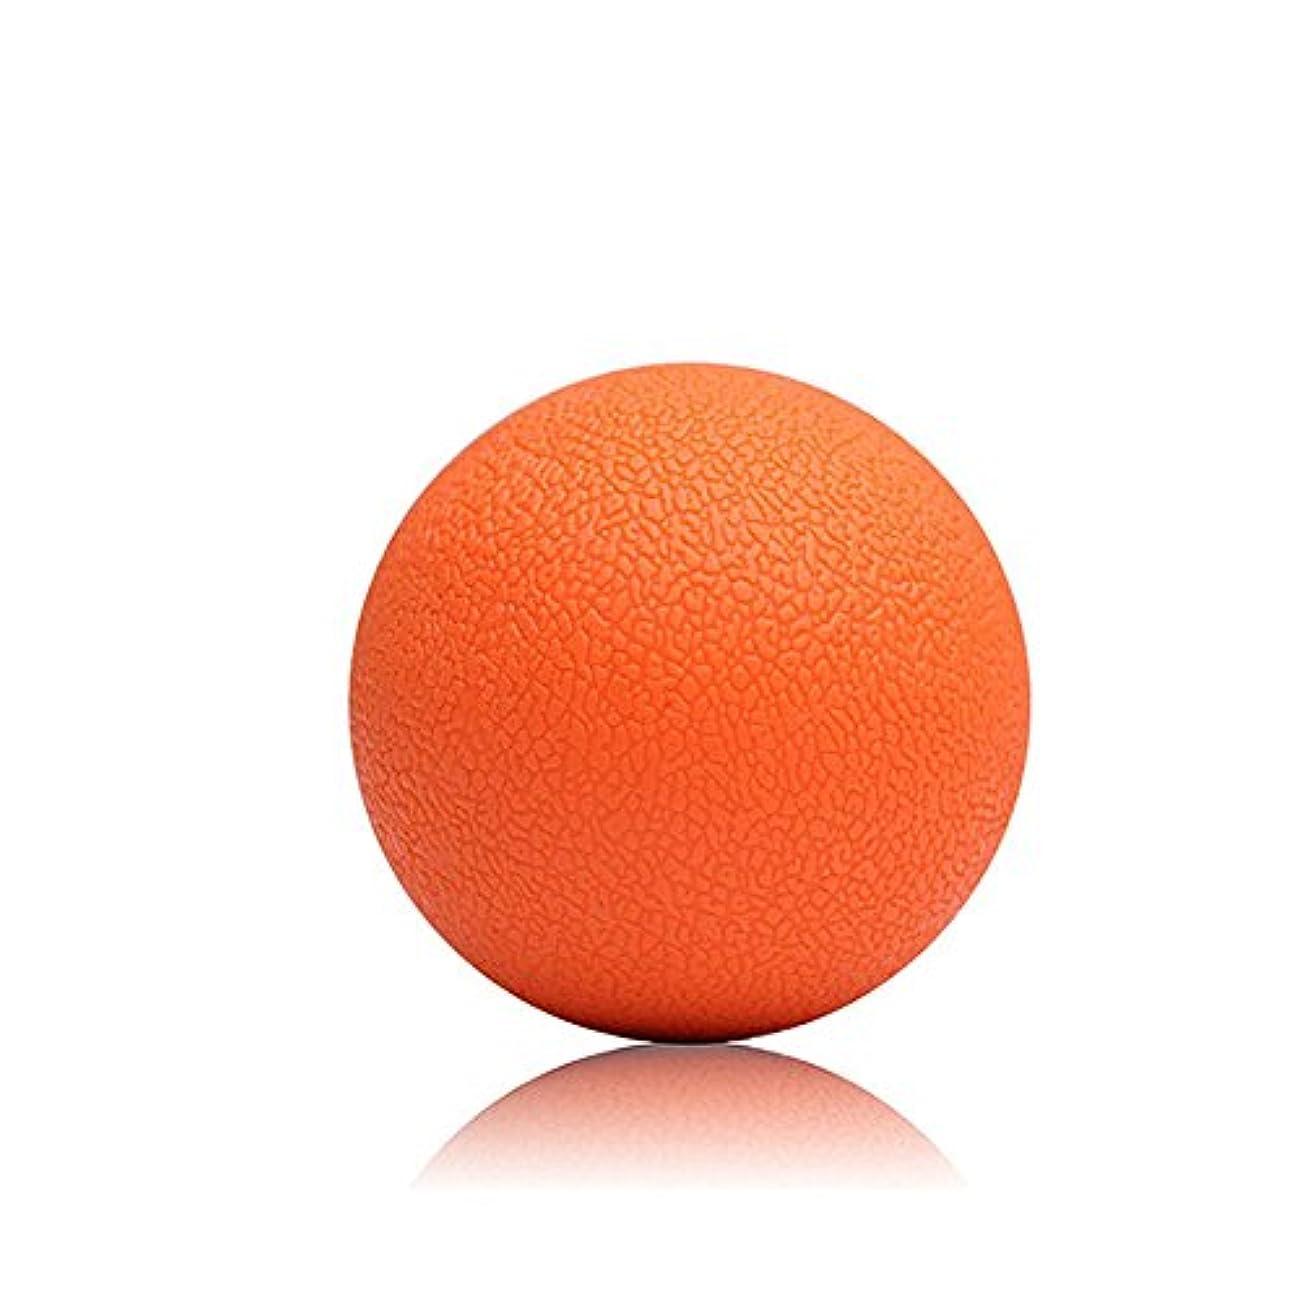 ウェイトレス策定するリボンマッサージボール 筋膜リリース 指圧ボール 足裏 ふくらはぎ ツボ押しグッズ 健康グッズ